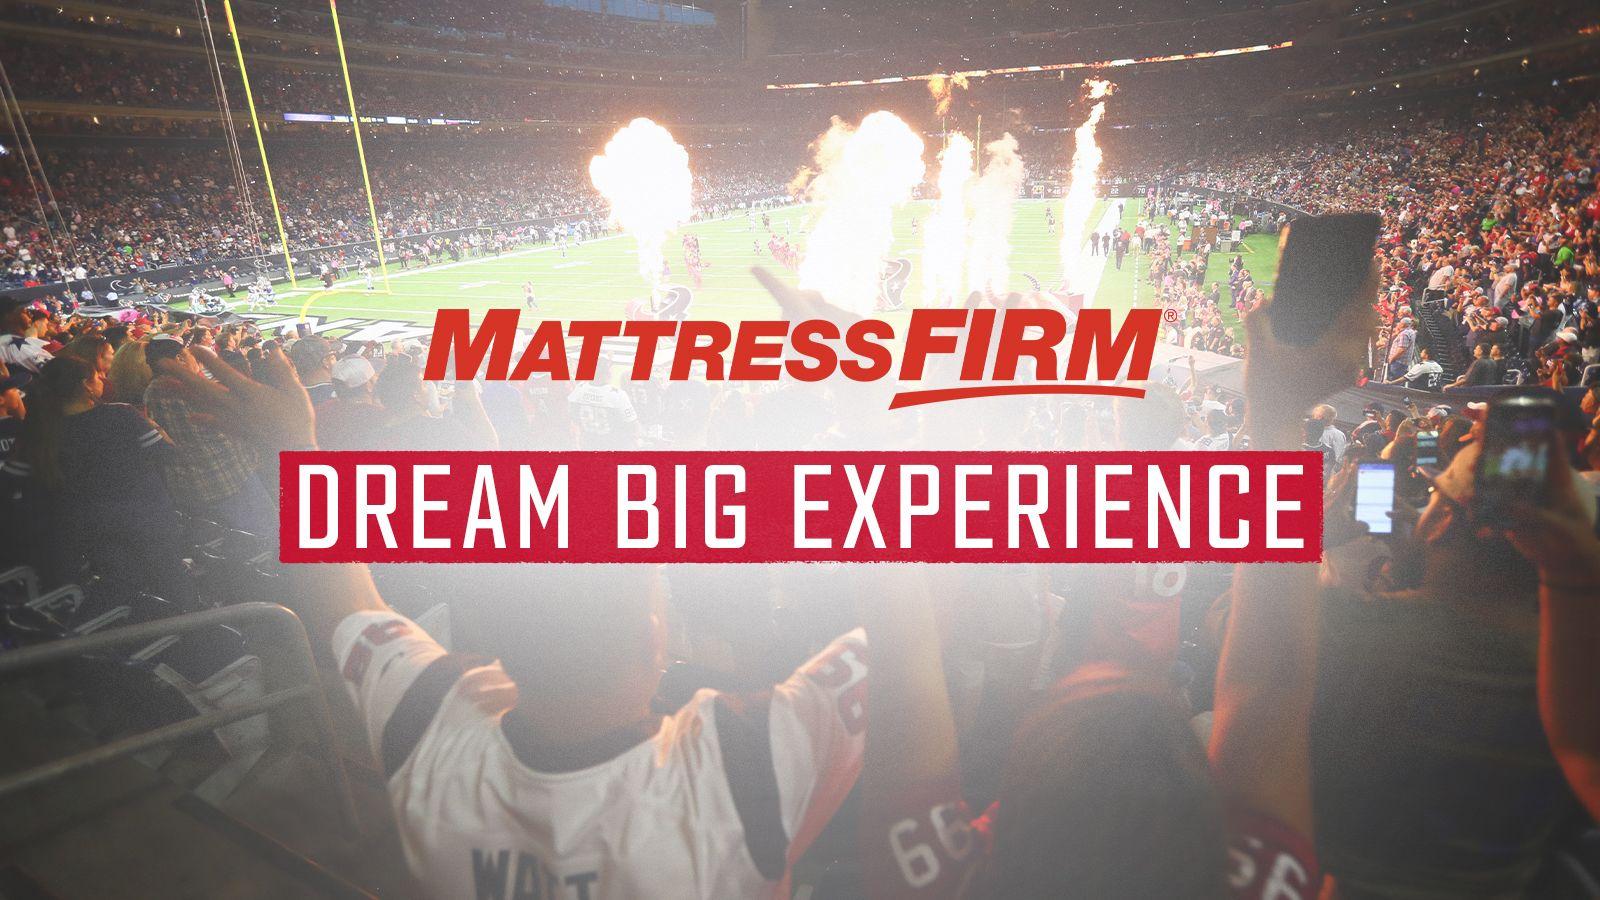 Mattress Firm Dream Big Experience